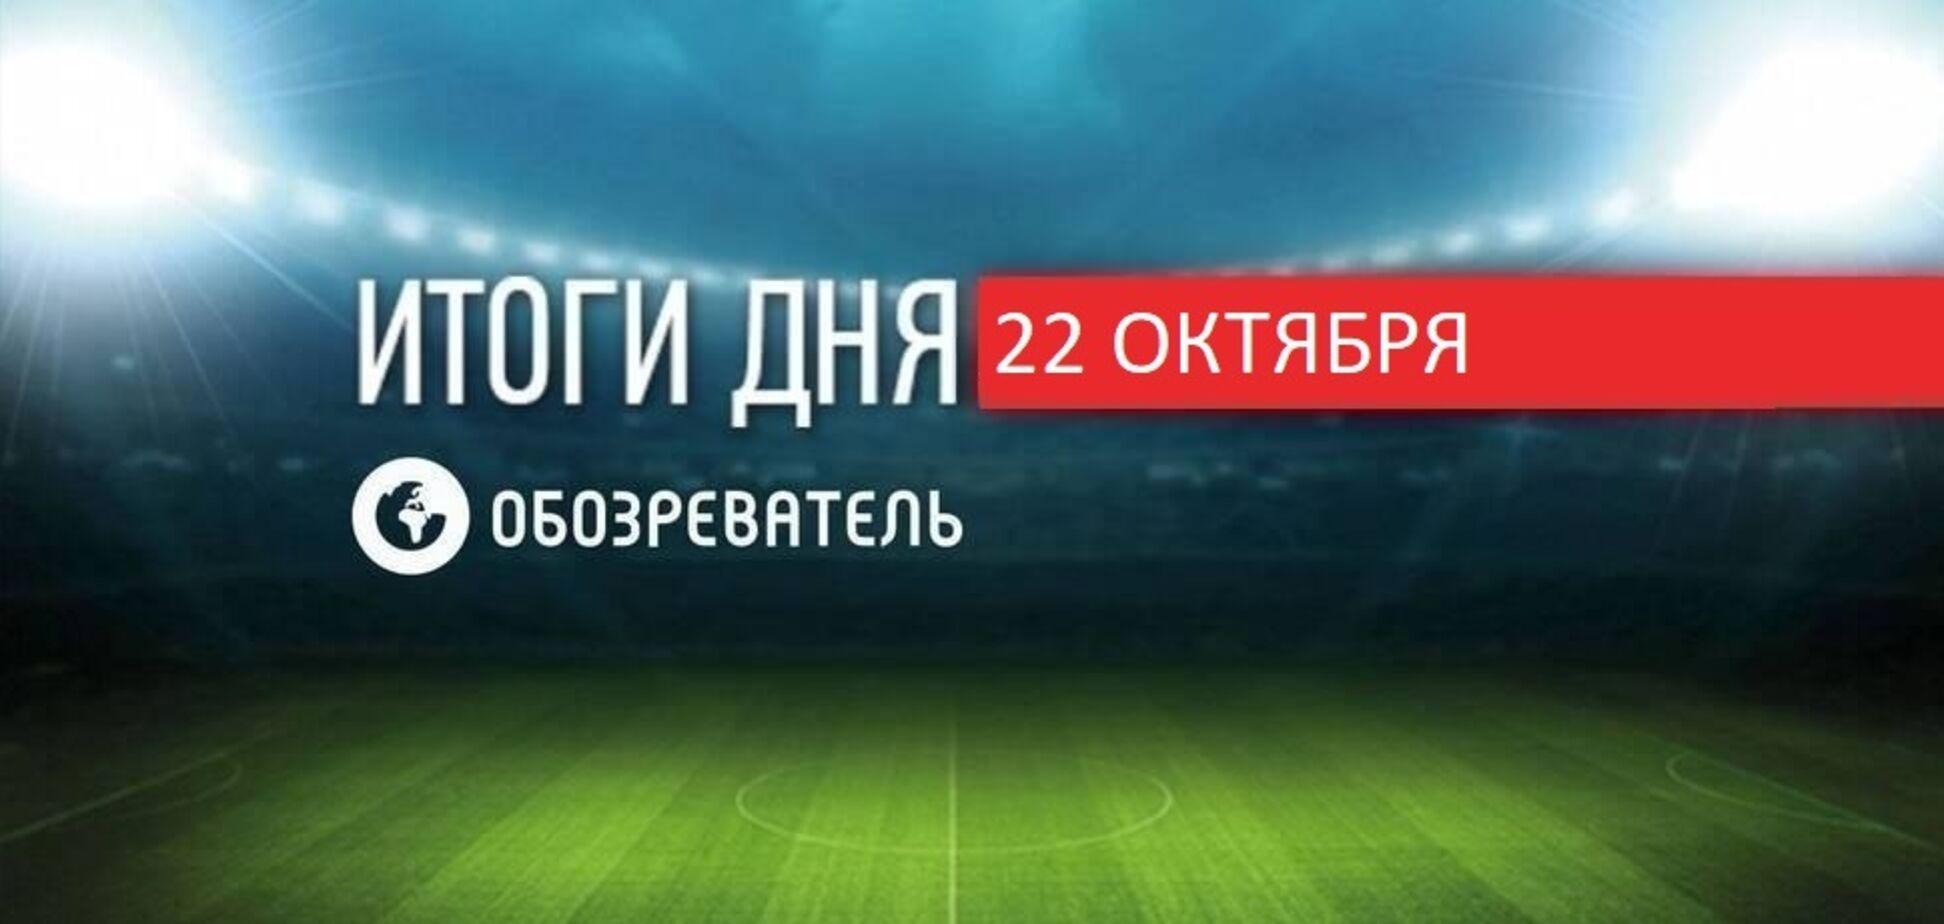 Гравці 'Реала' виступили проти Зідана після матчу з 'Шахтарем': спортивні підсумки 22 жовтня